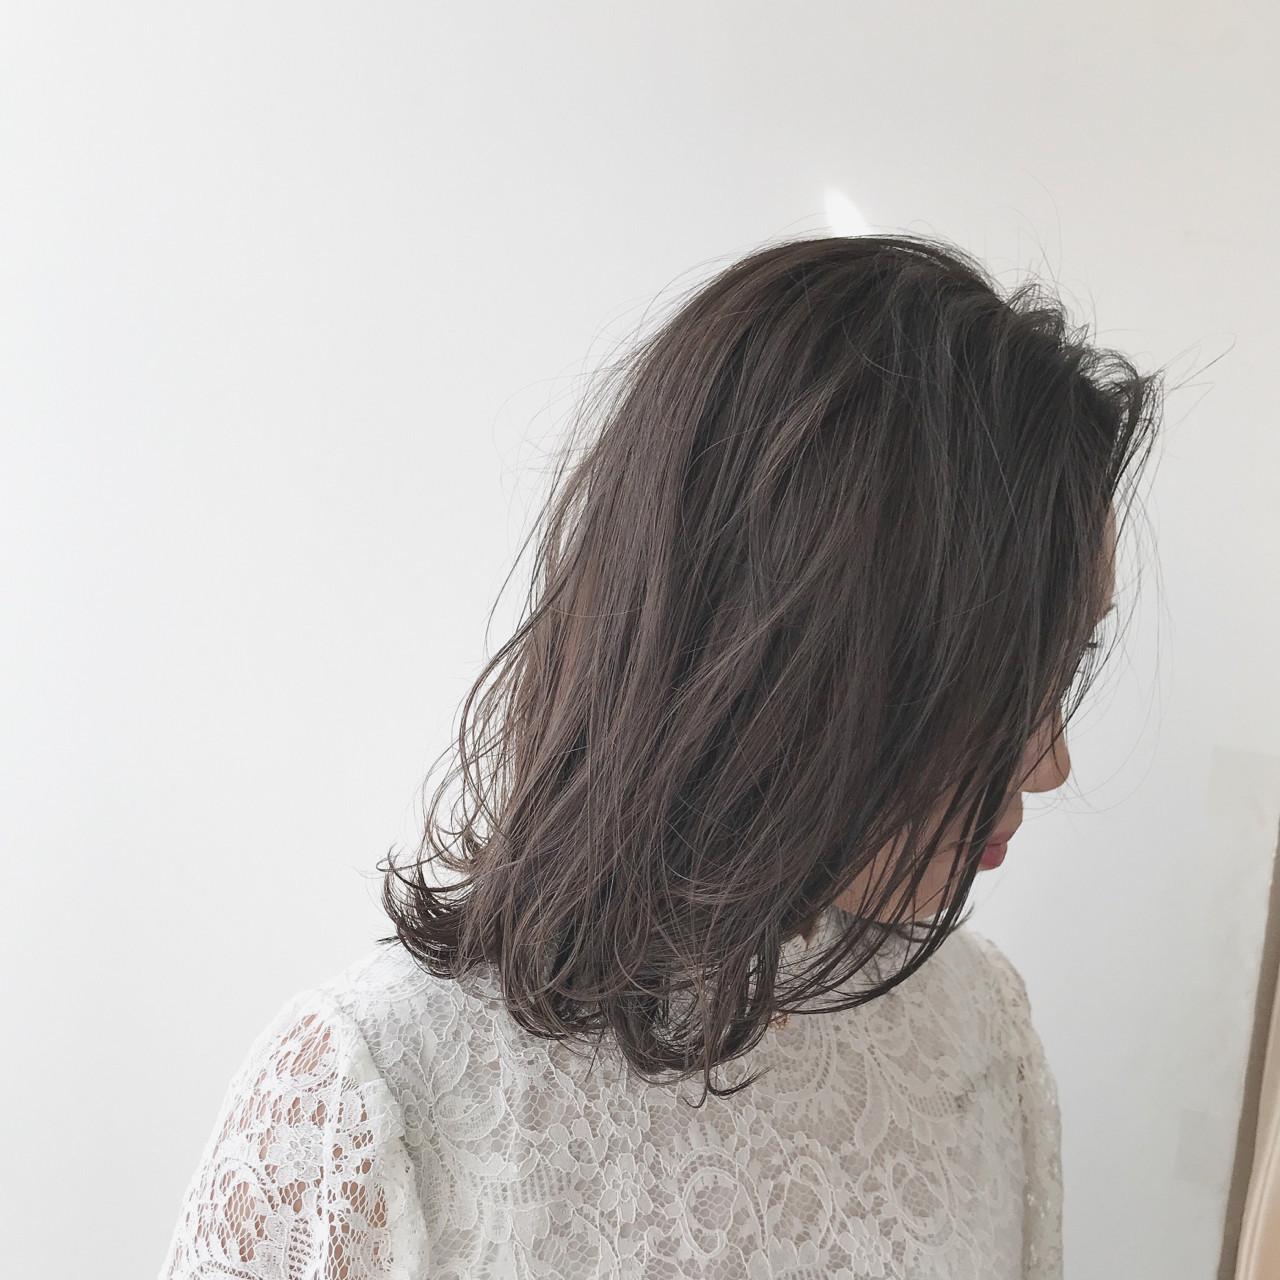 ゆるふわ 暗髪 ヘアアレンジ ハイライト ヘアスタイルや髪型の写真・画像